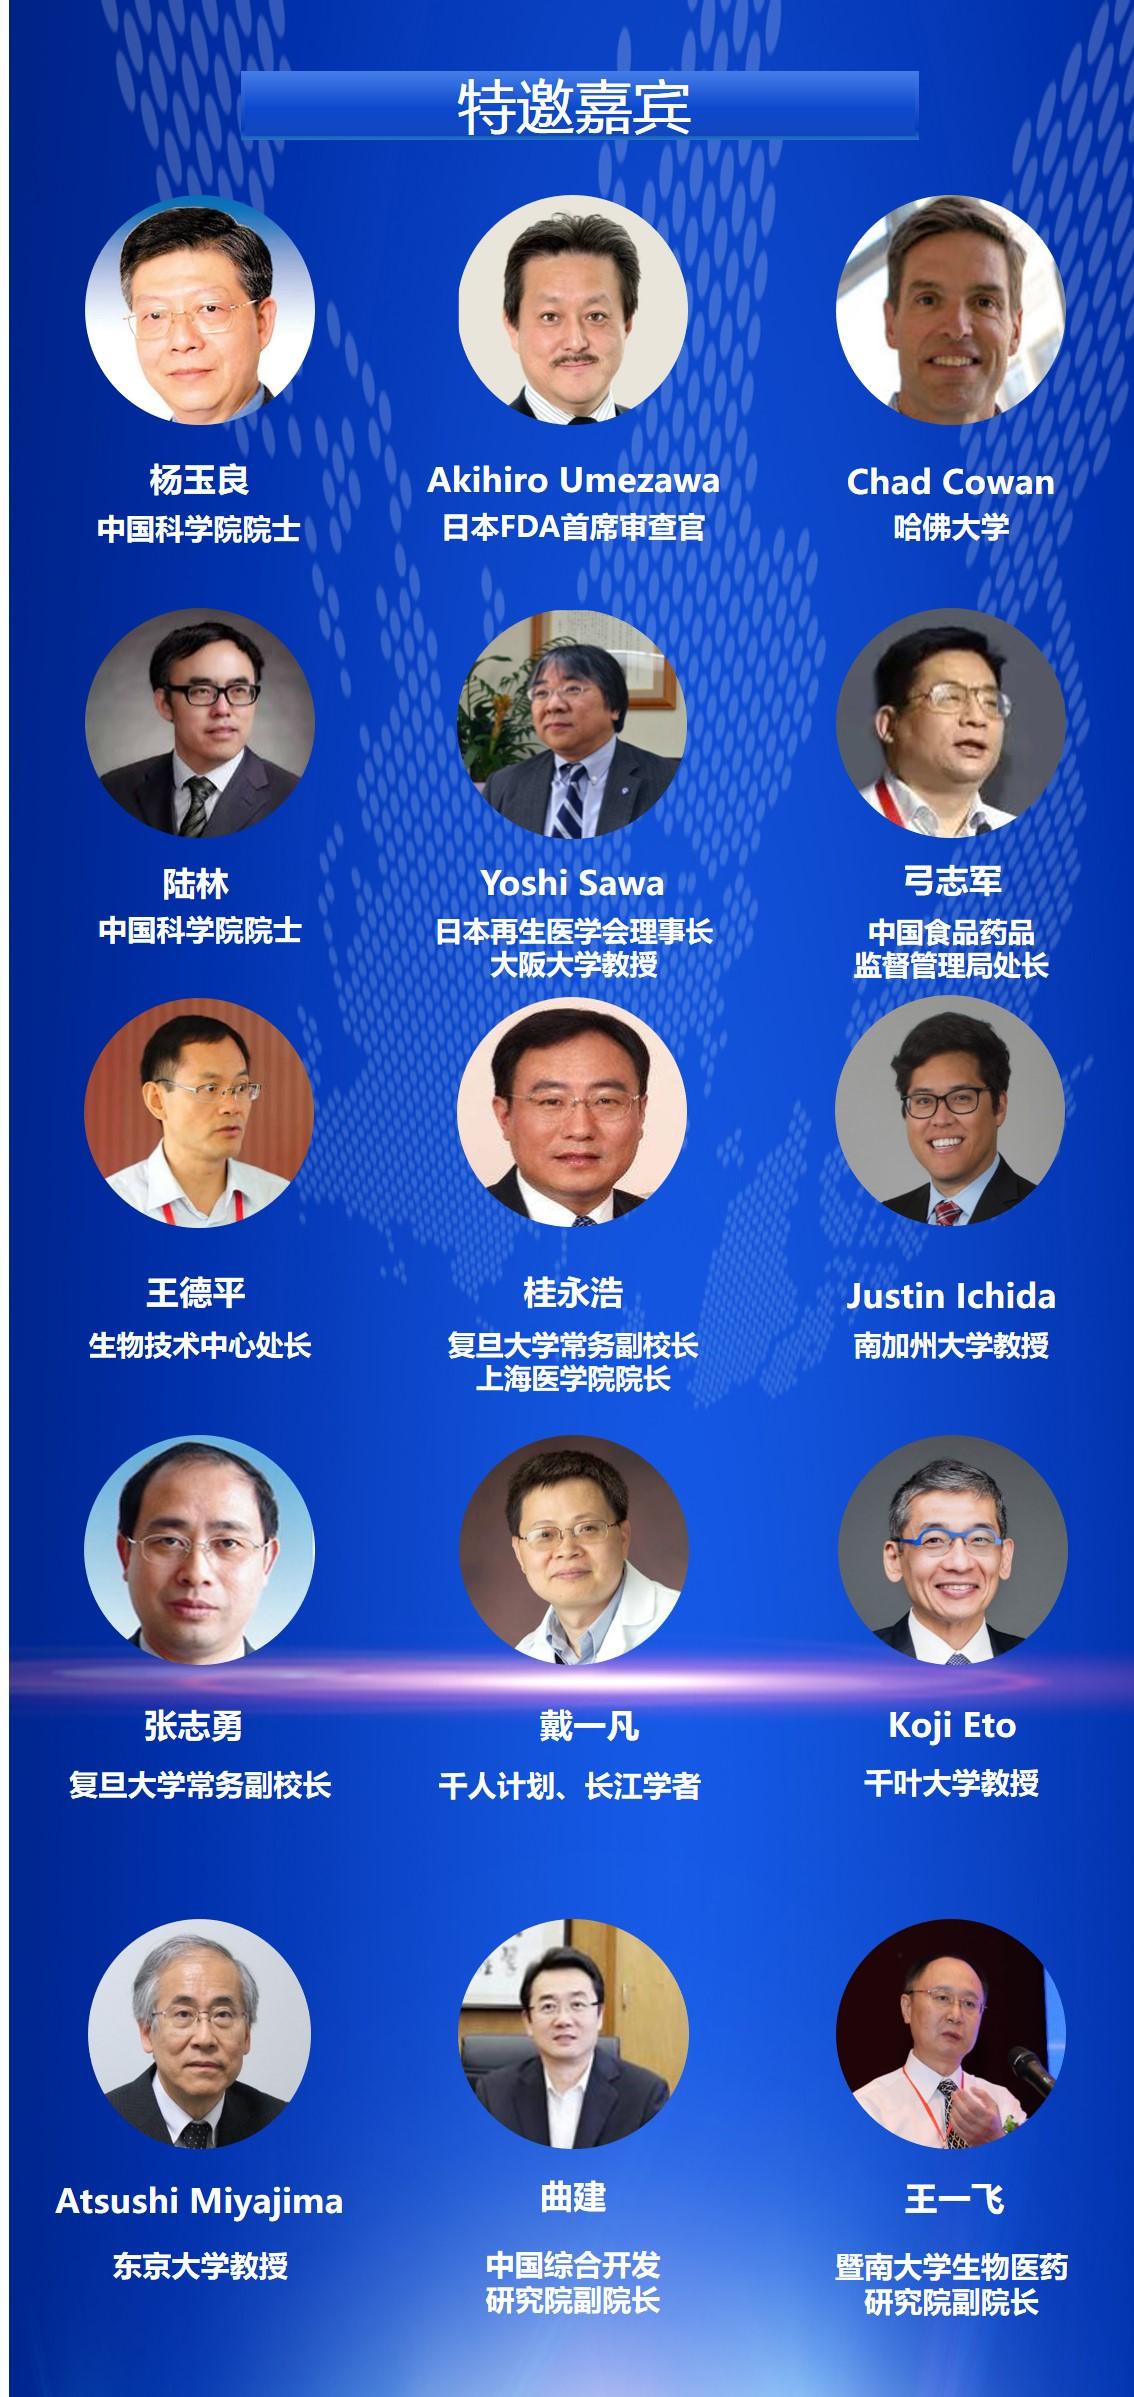 2019深圳国际BT领袖峰会(第6届)-粤港澳大湾区科技引领健康论坛